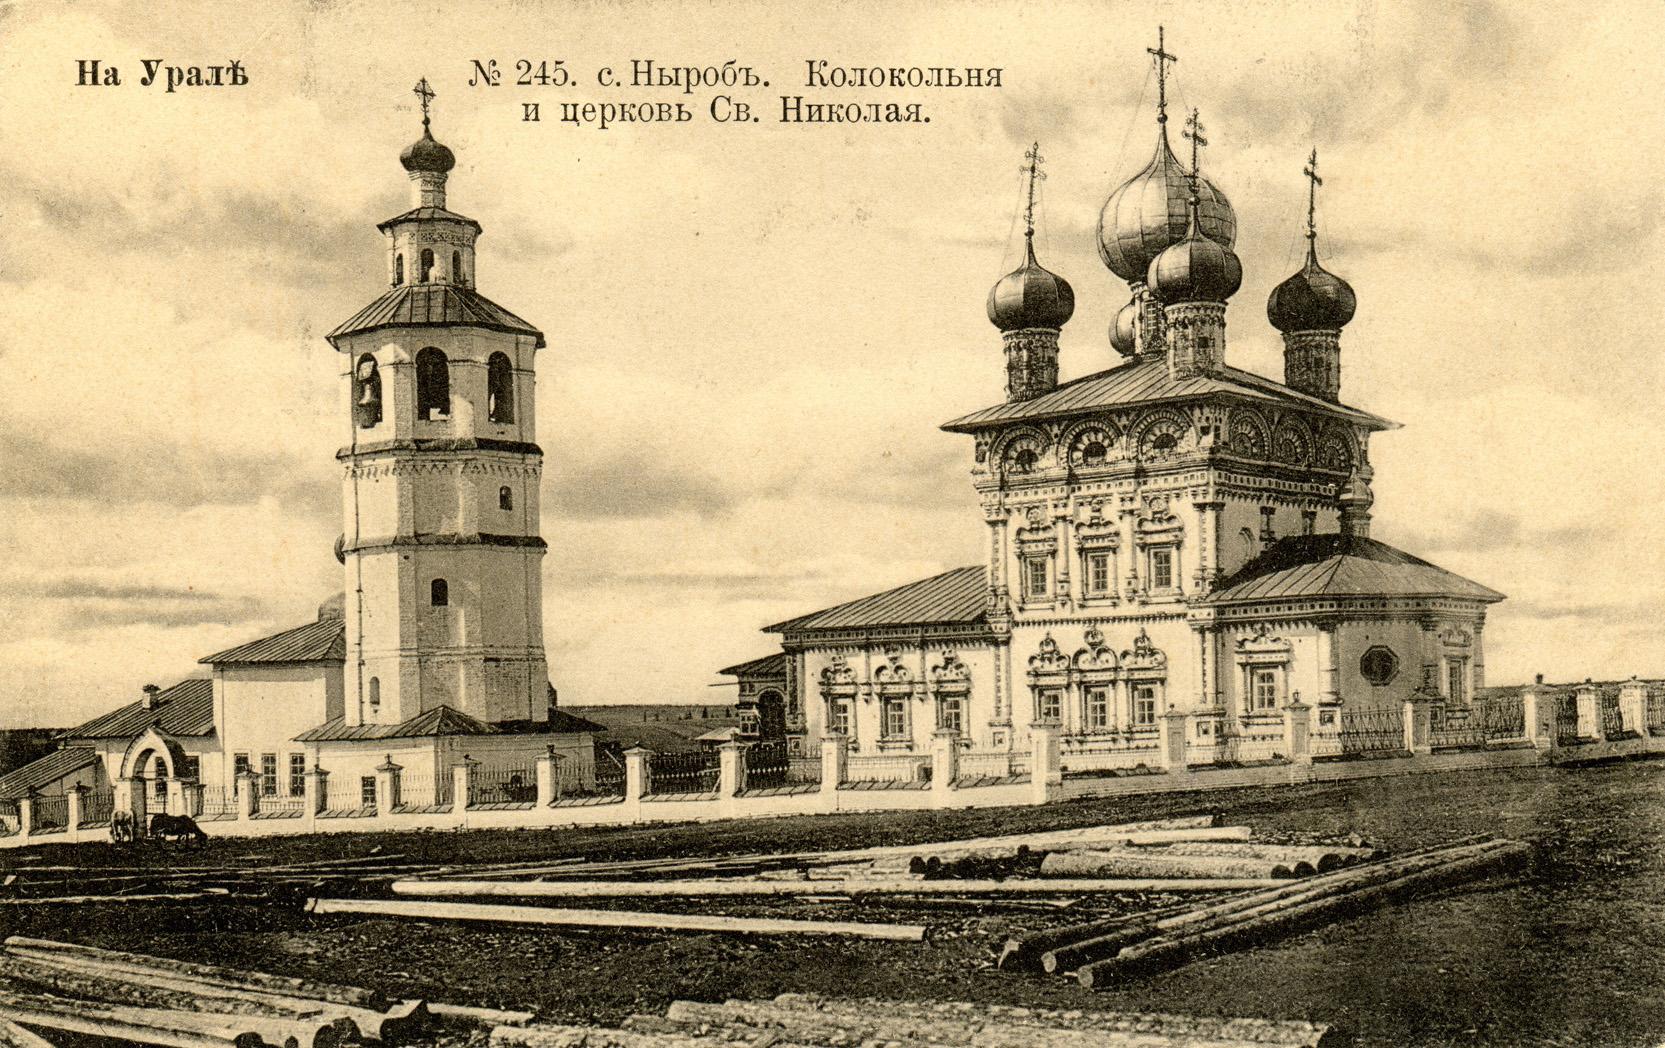 Колокольня и церковь Святого Николая